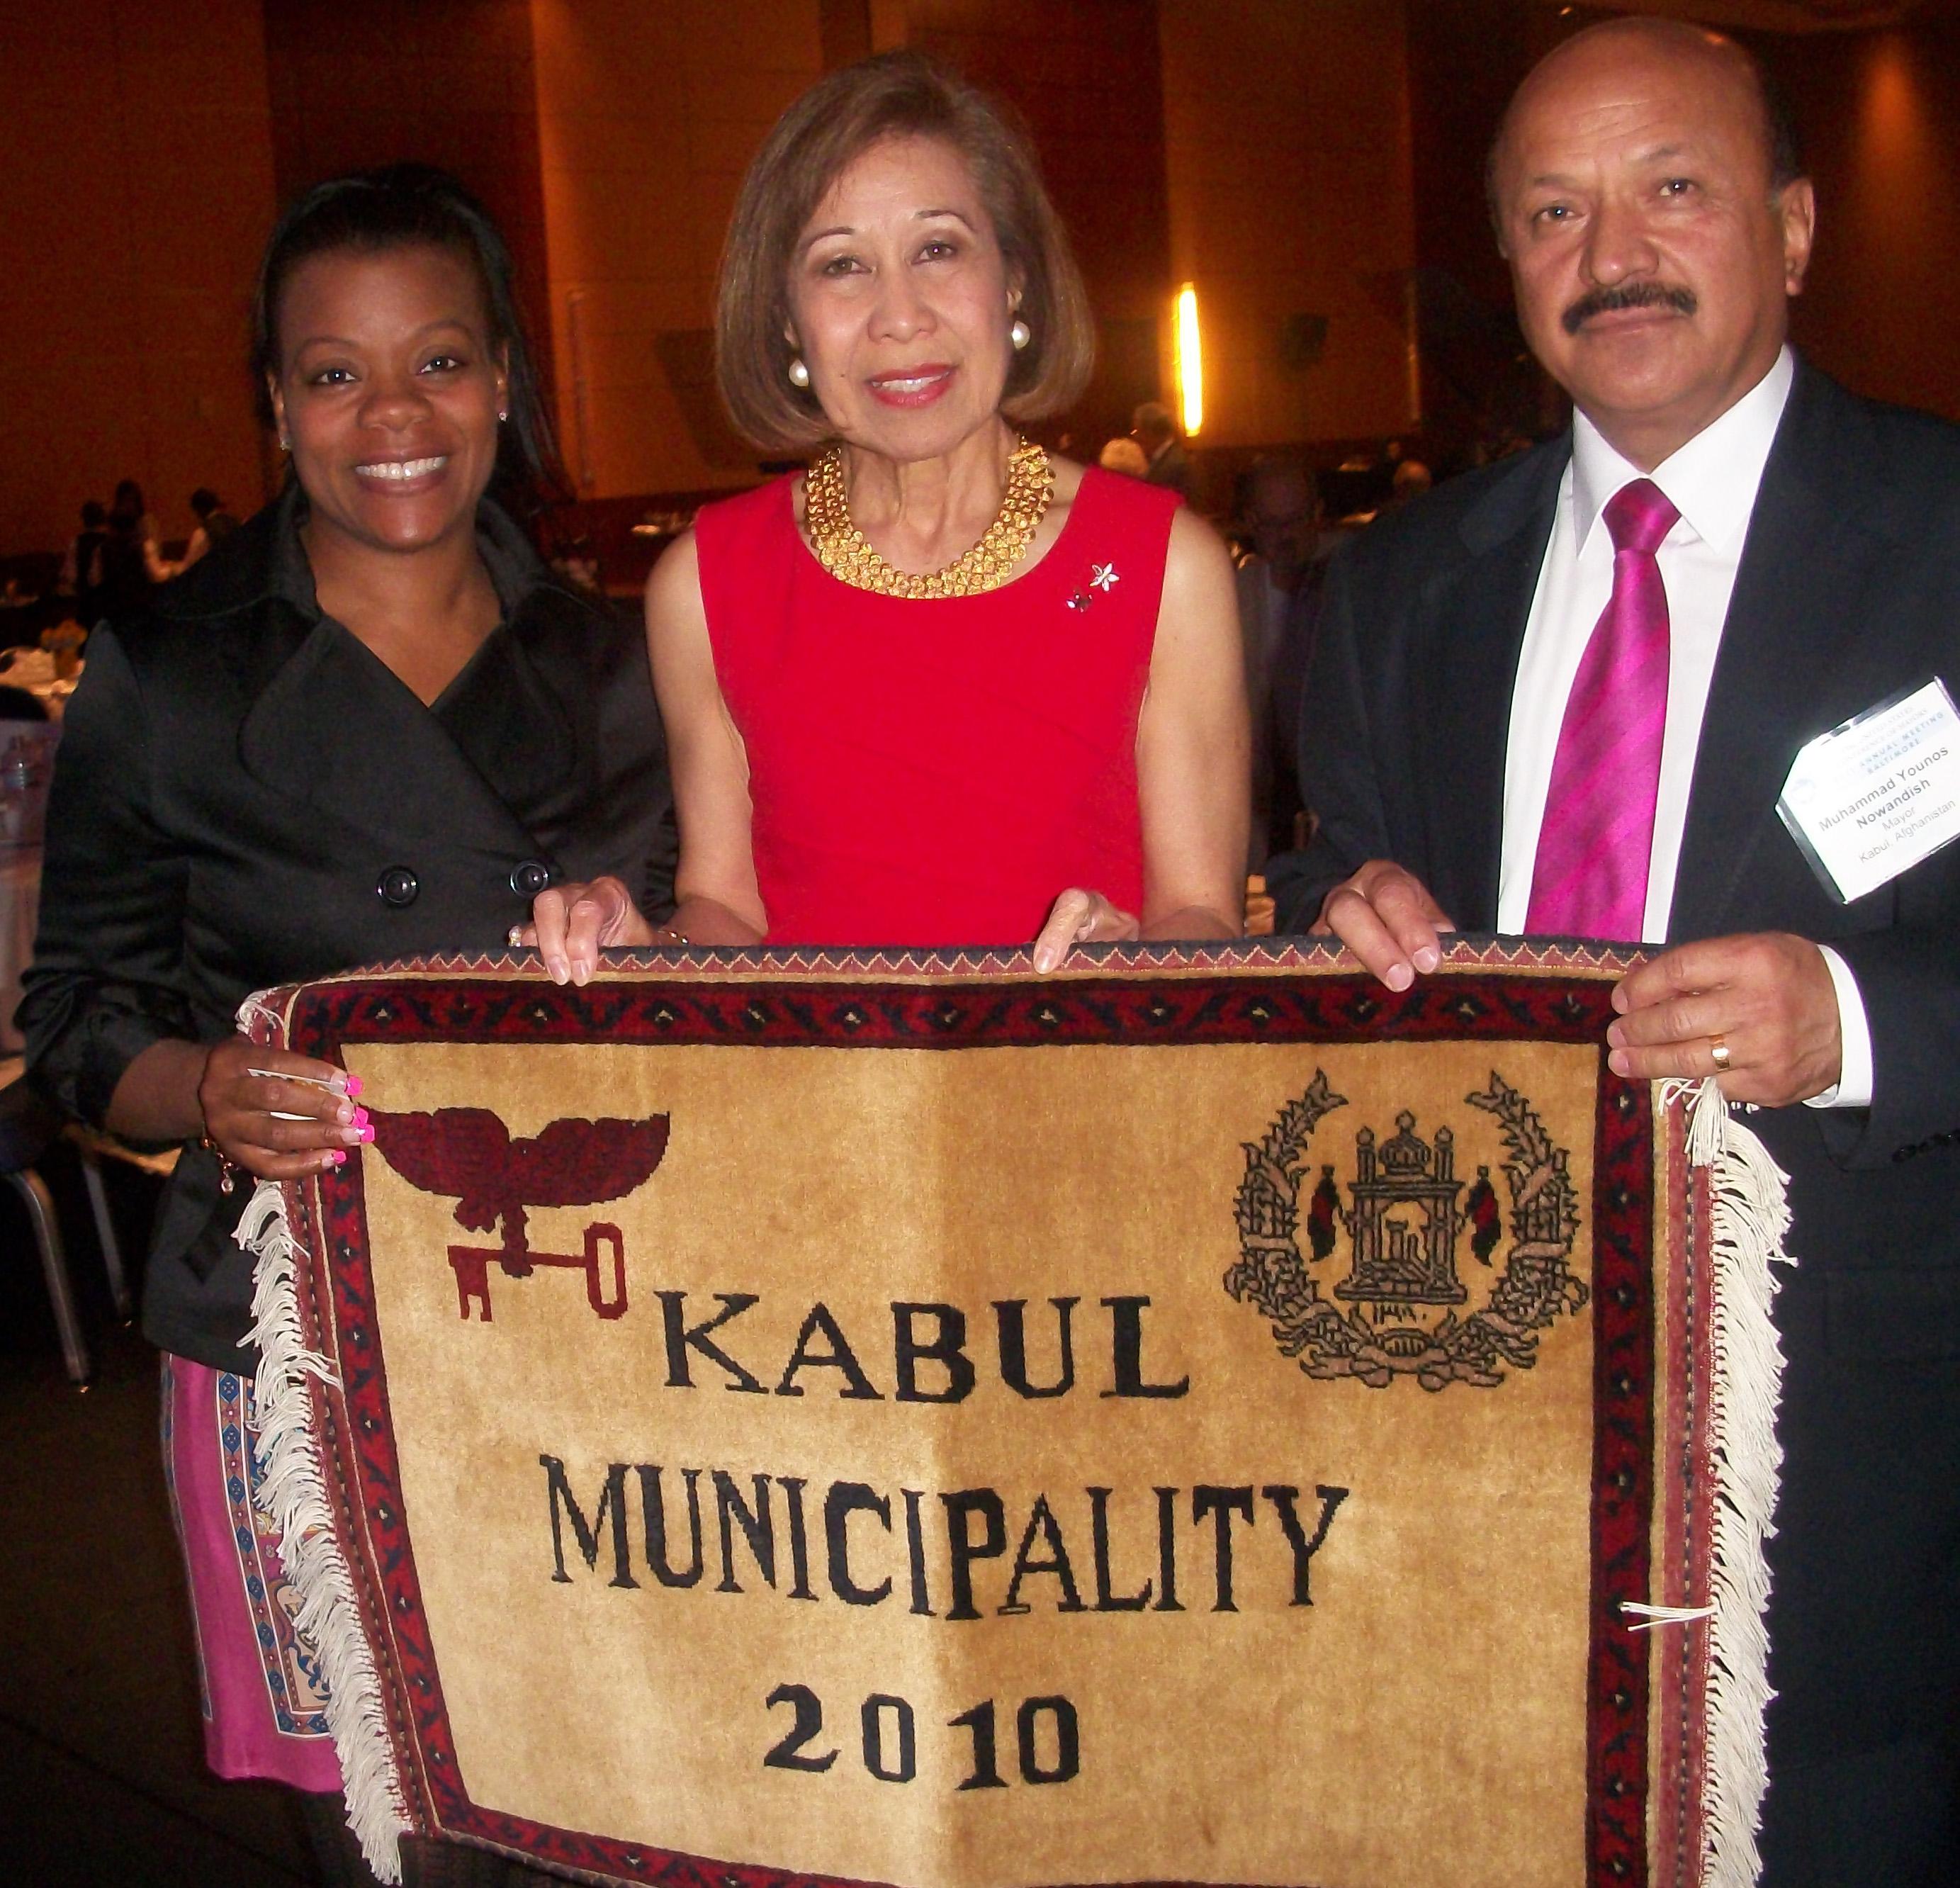 US Mayors Conf-Janice & Kautz, Kabul